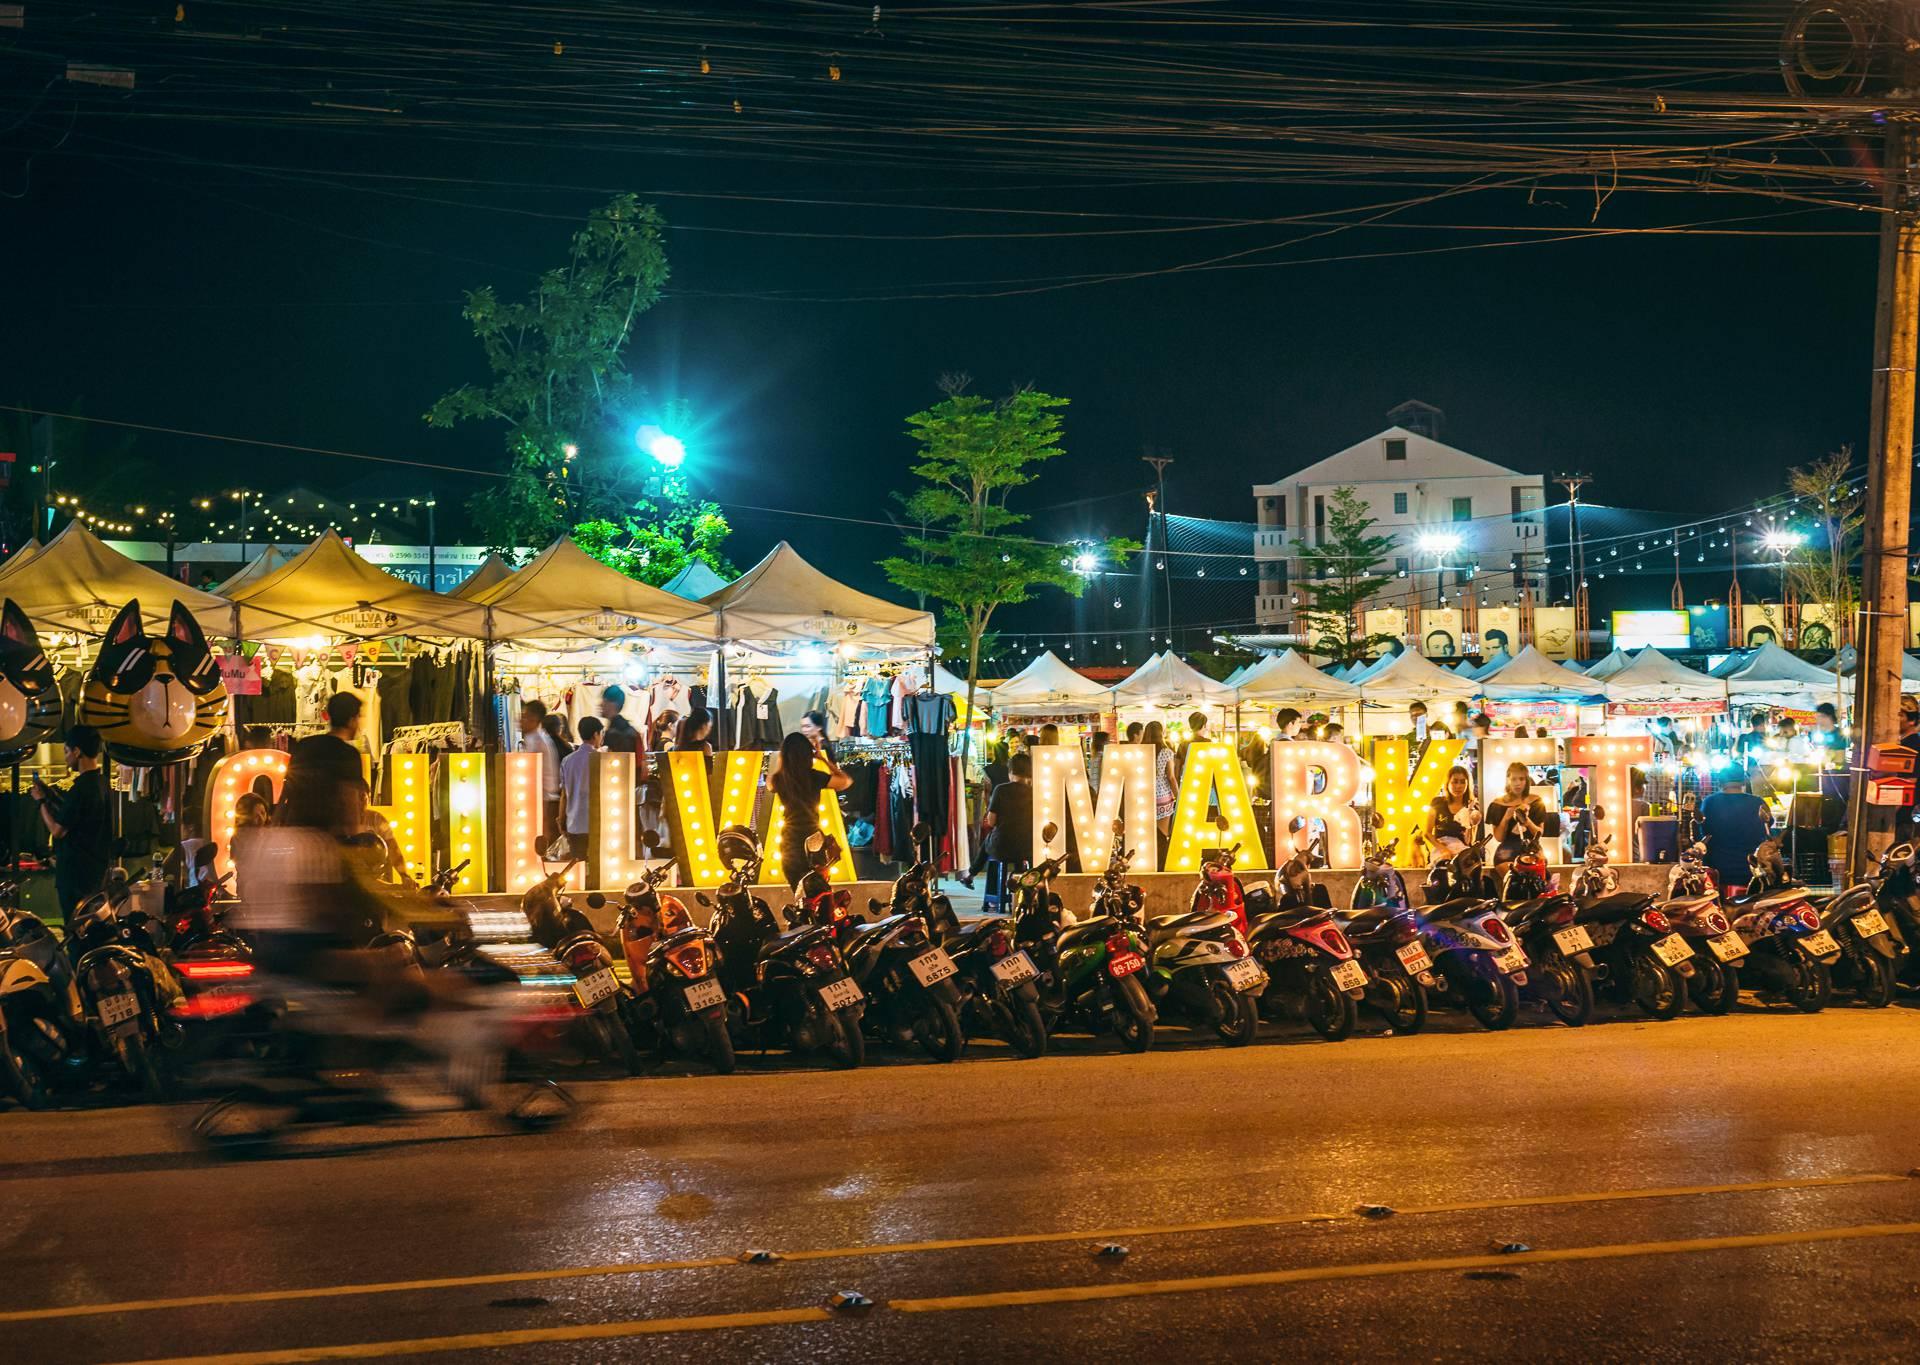 Phuket, Tajland: Od cjenkanja do masaže sa 'sretnim krajem'